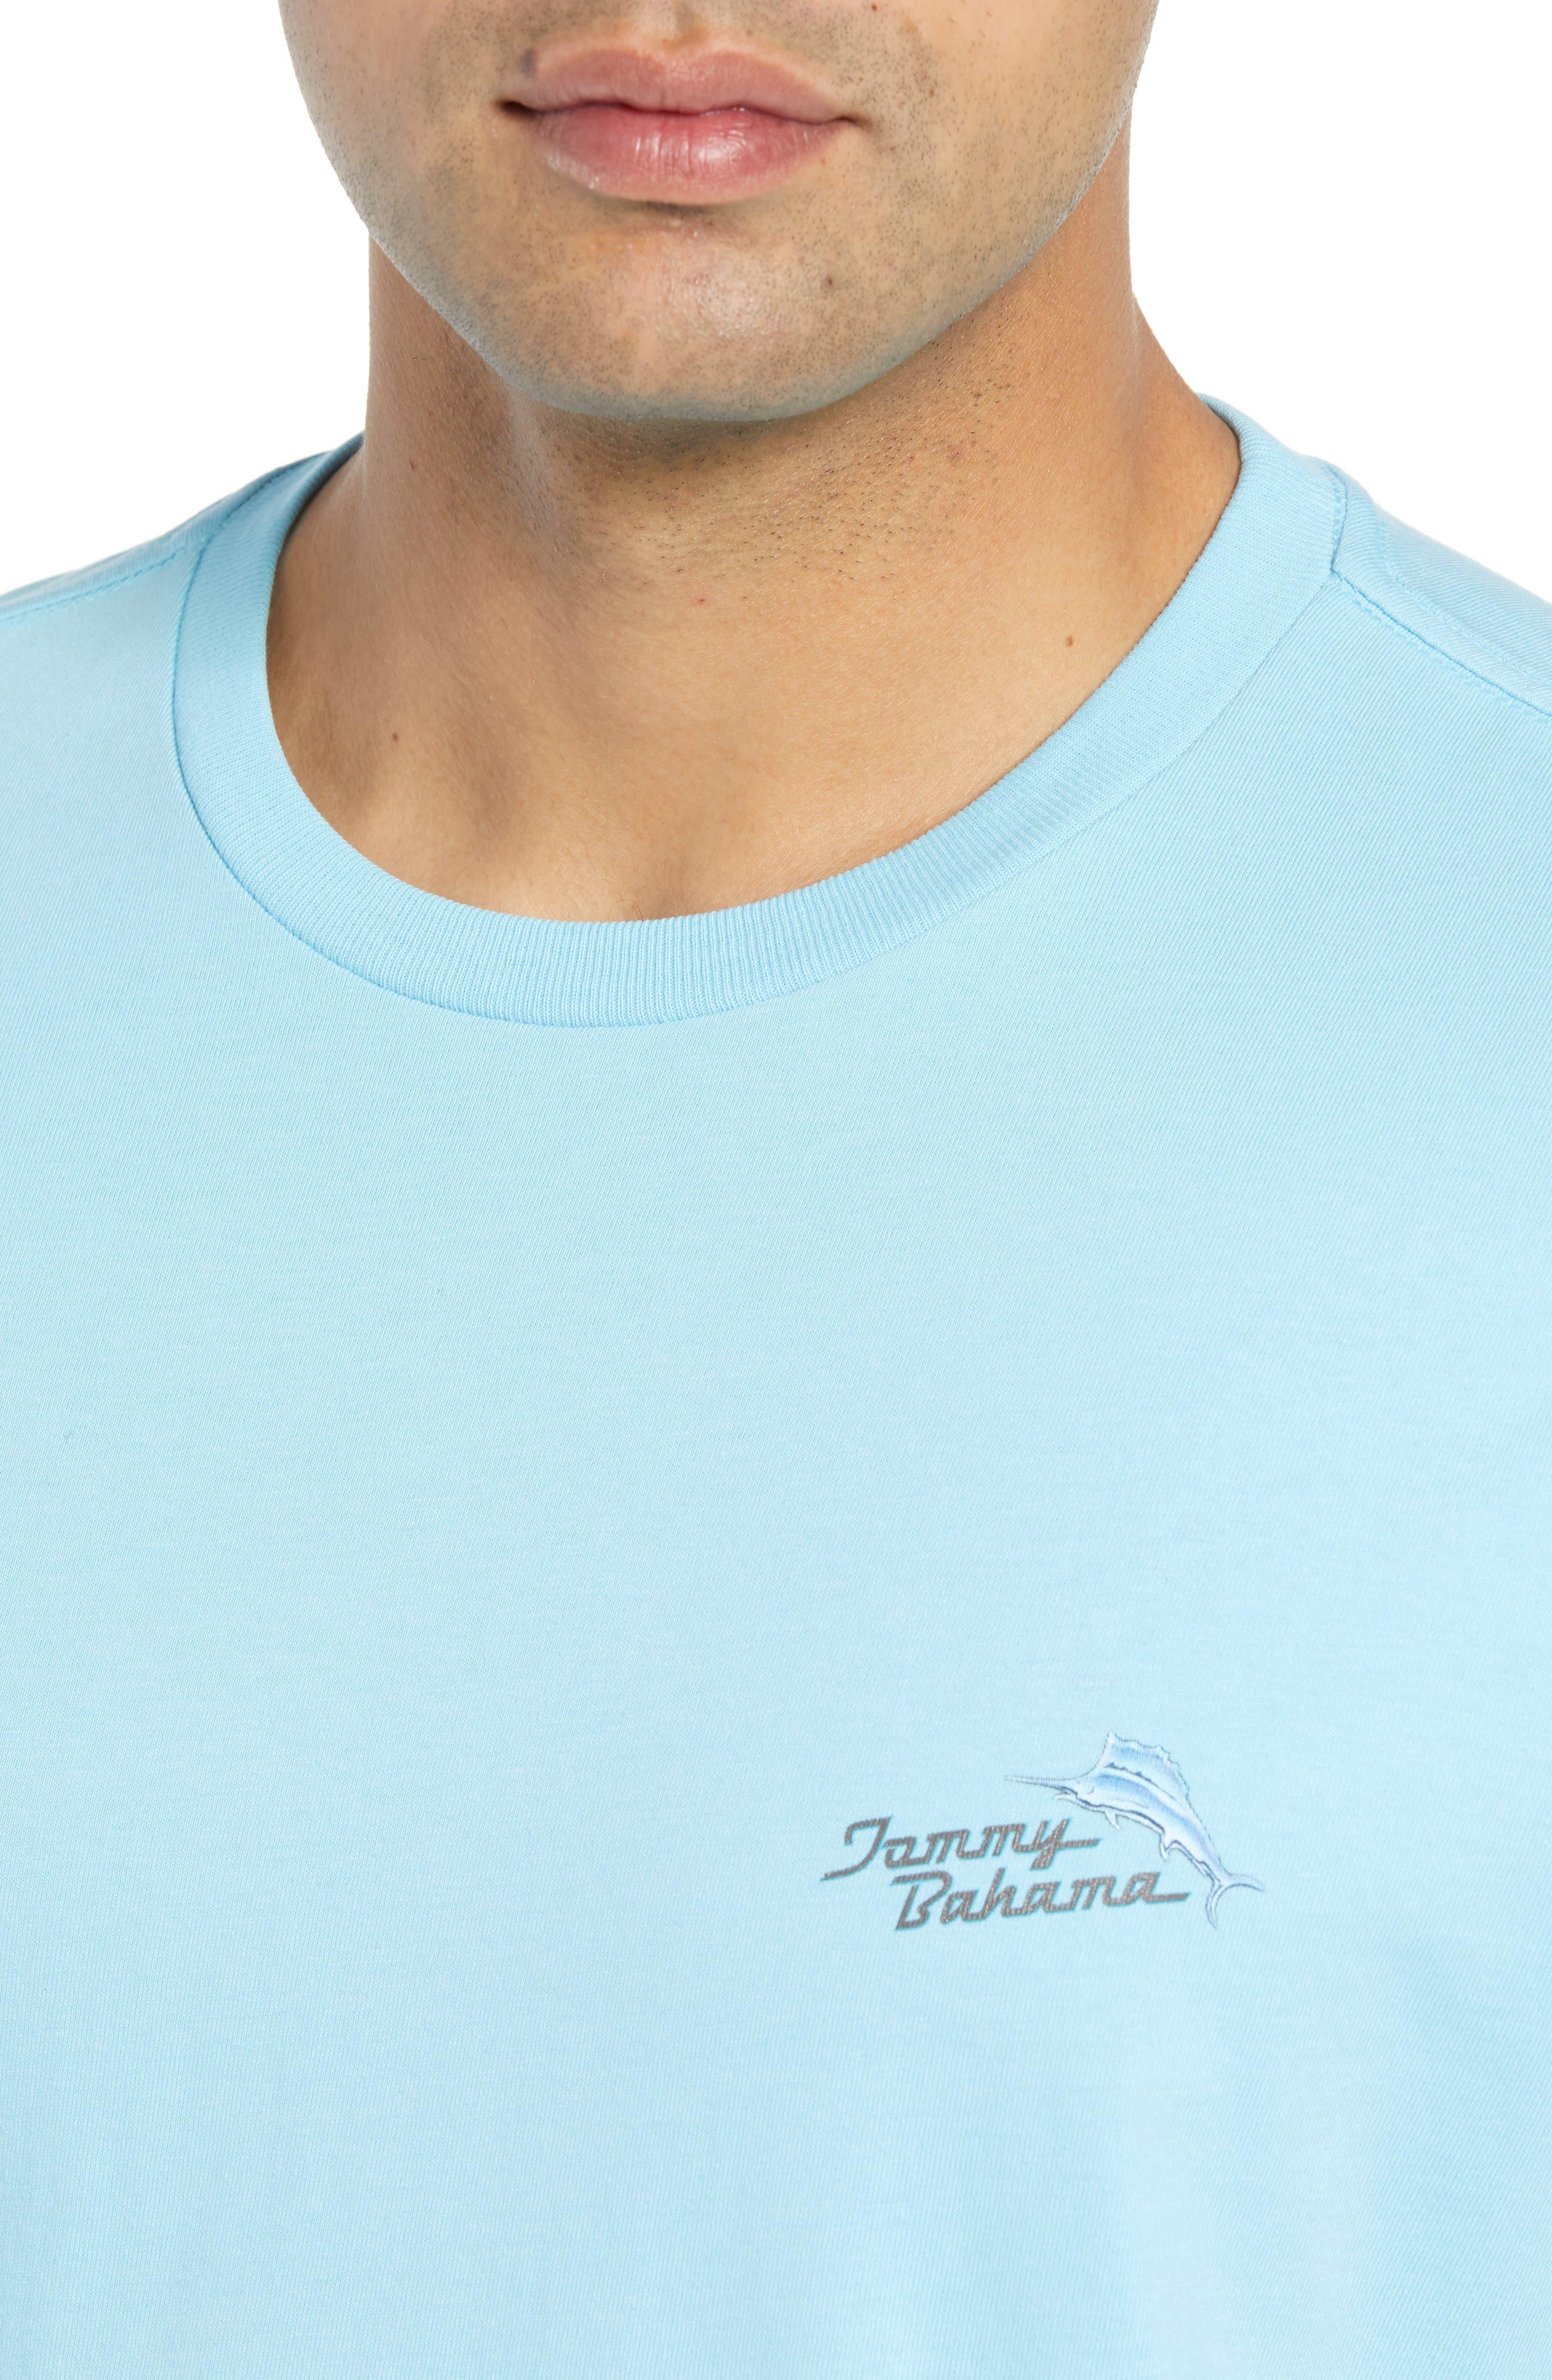 Beach Grille T-Shirt,                             Alternate thumbnail 5, color,                             Bowtie Blue